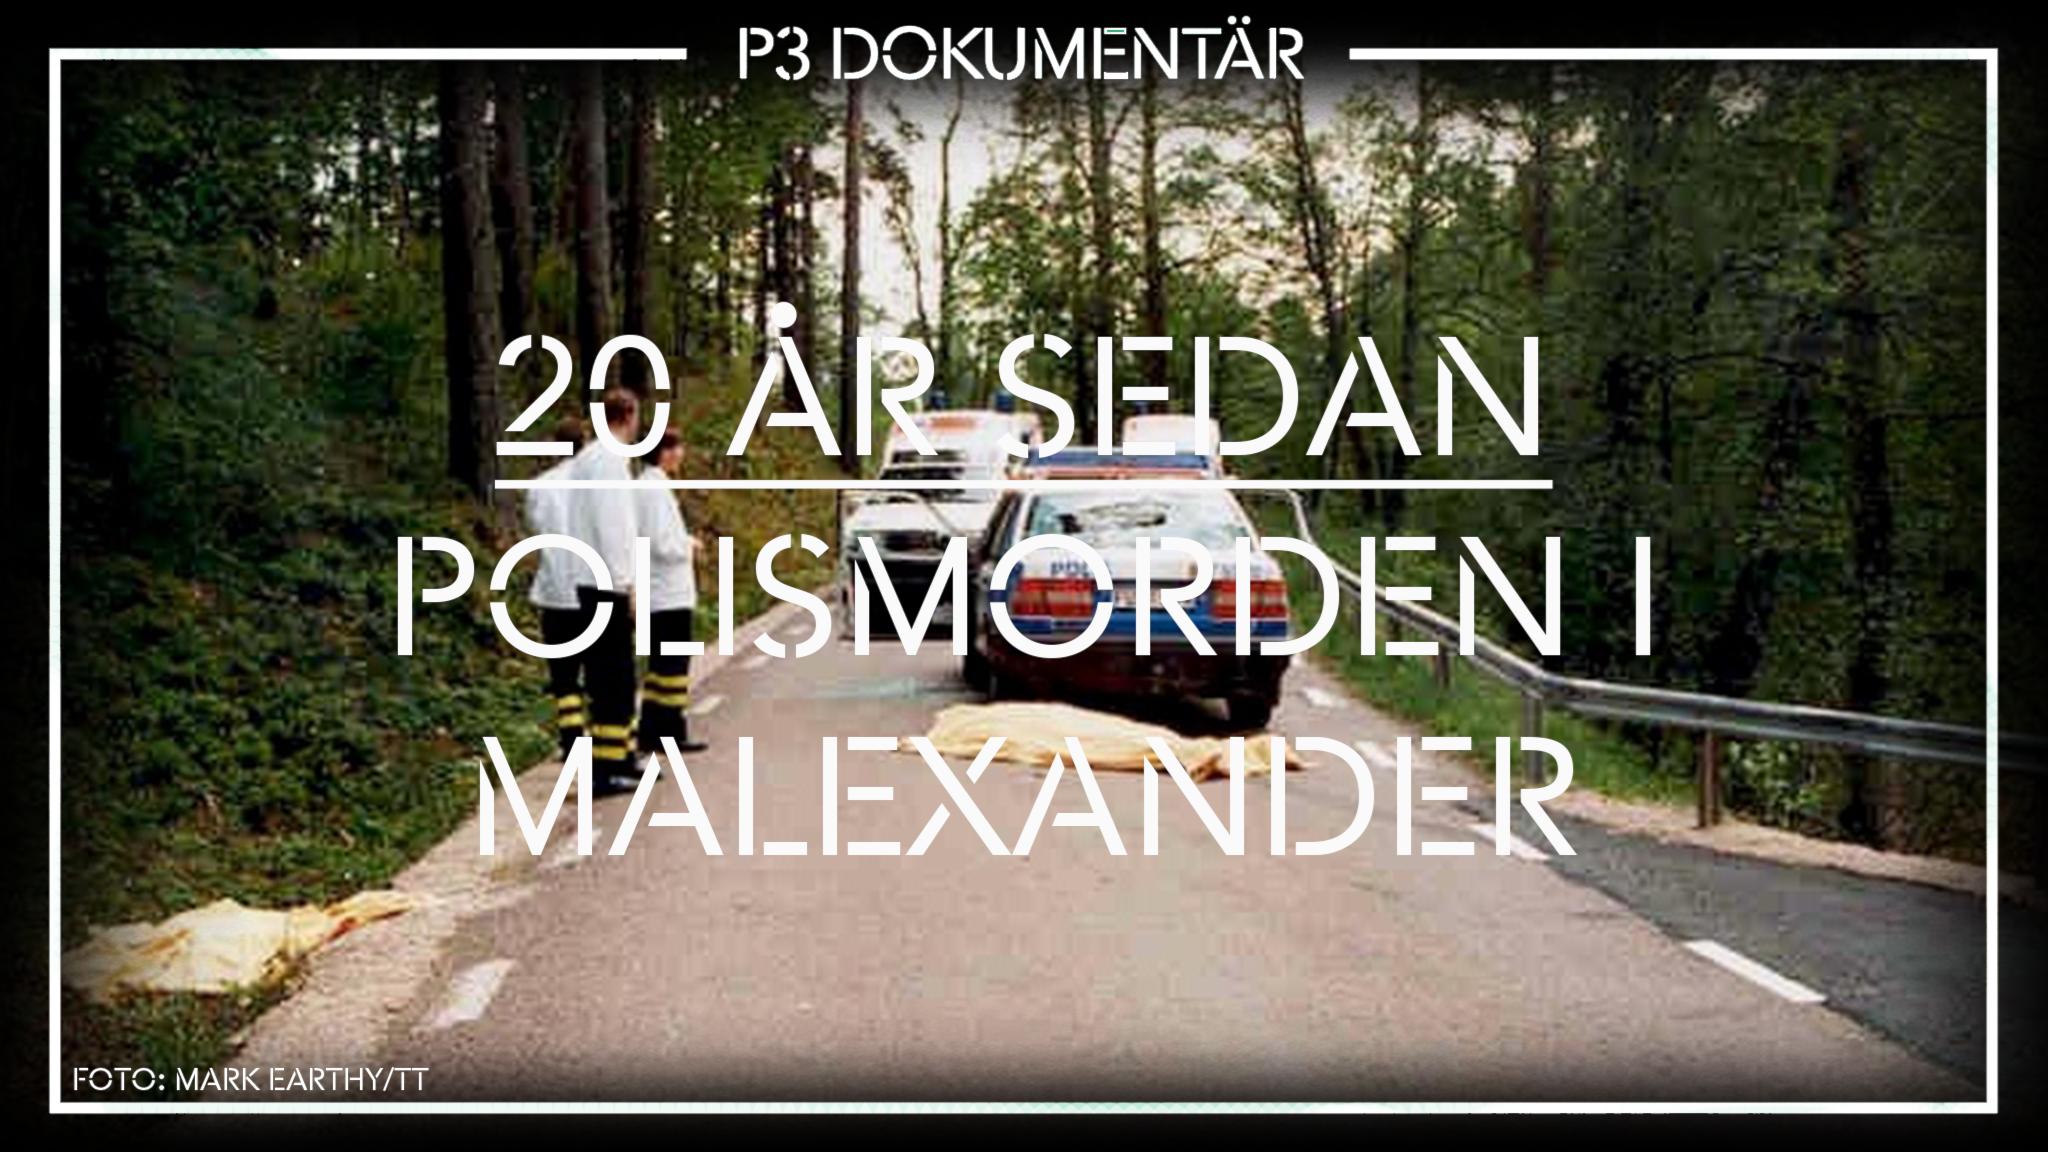 Polismorden i Malexander